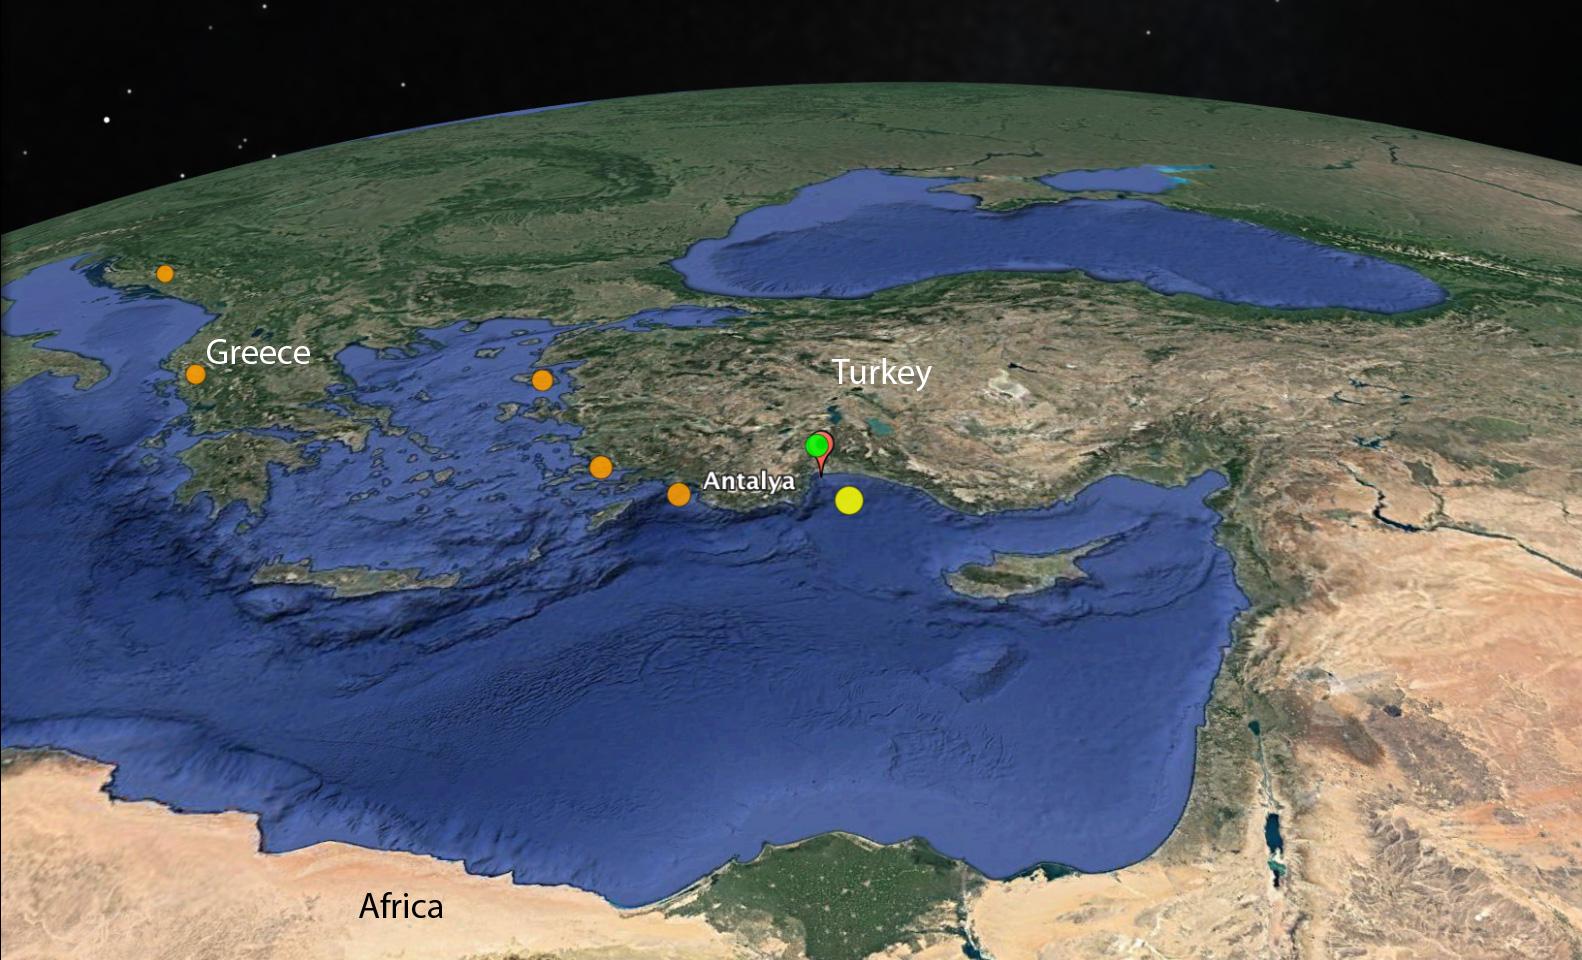 Doğu Akdeniz'de Girit, Rodos, Antalya ve Kıbrıs boyunca uzanan bu aktif ve karmaşık dalma-batma zonu sığ depremler (portakal rengi) yanı sıra derin depremler (yeşil ve sarı) de yaratmaktadır. Antalya körfezindeki bazı depremler için yapılan stres tensör analizleri bölgede KD-GB doğrultulu sıkışma gerilmesinin (bindirme) baskın olduğunu göstermektedir (2).